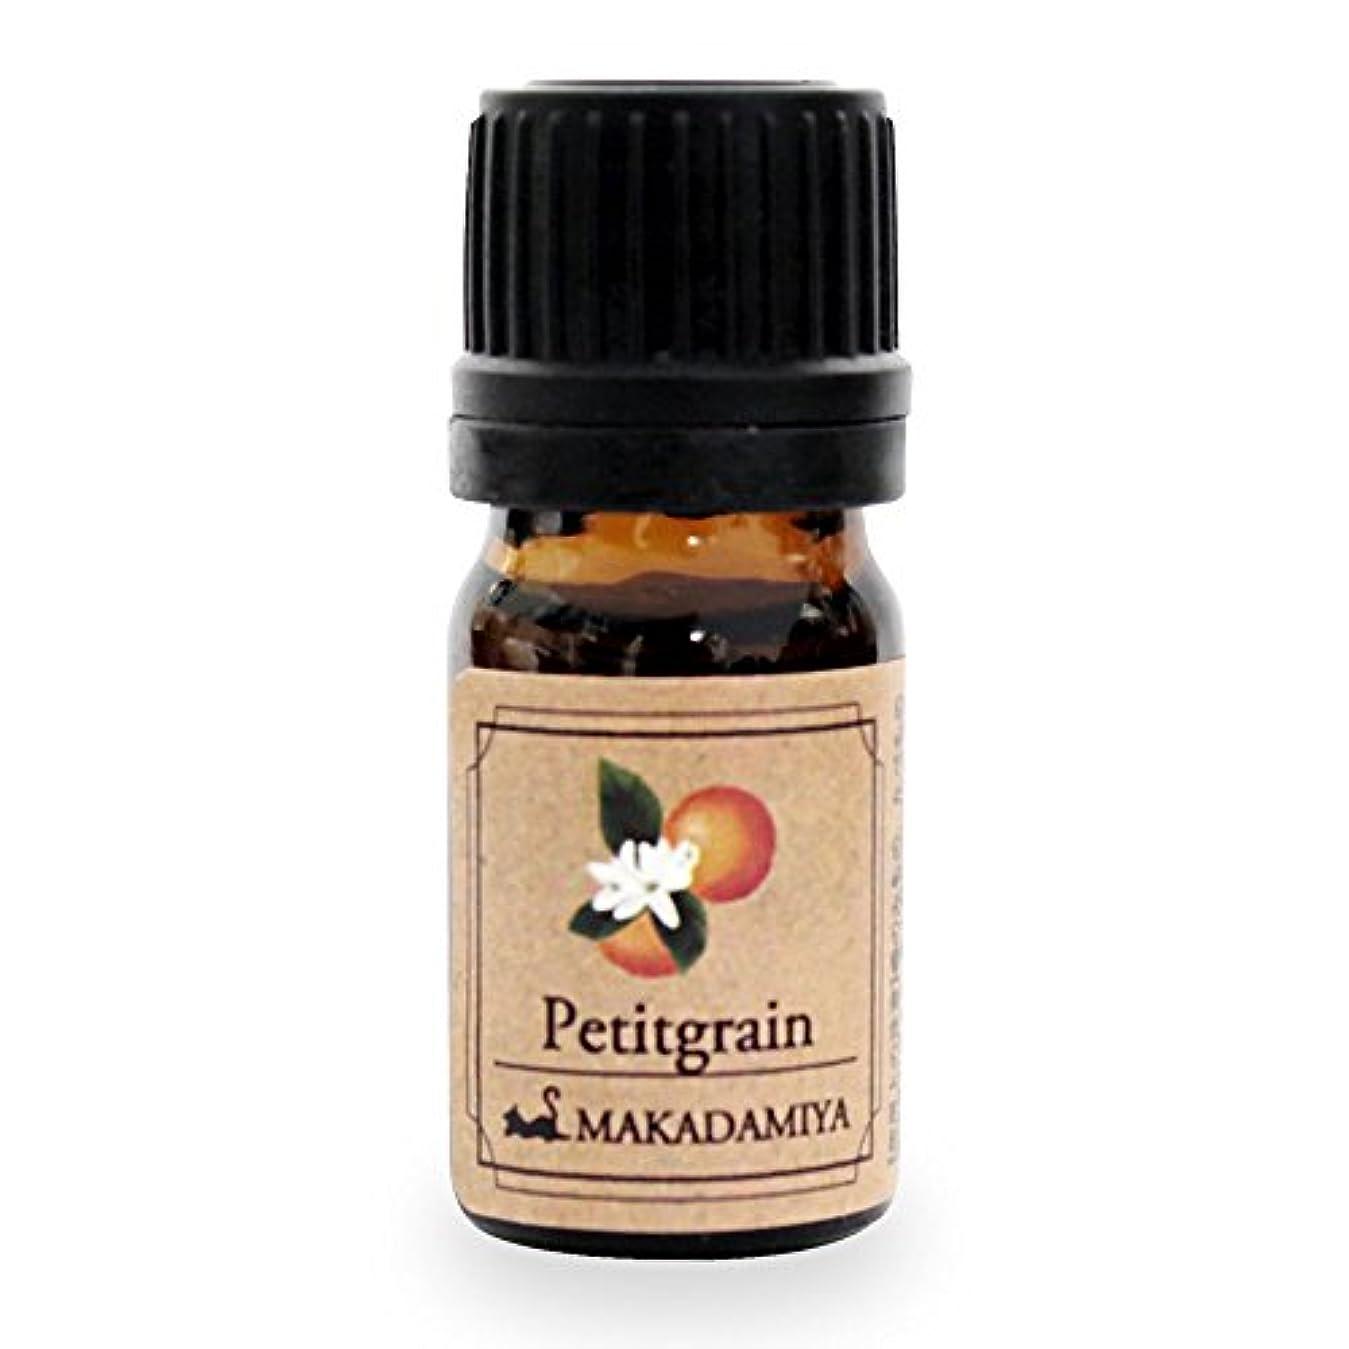 パフ馬鹿休憩するプチグレン5ml 天然100%植物性 エッセンシャルオイル(精油) アロマオイル アロママッサージ aroma Petitgrain